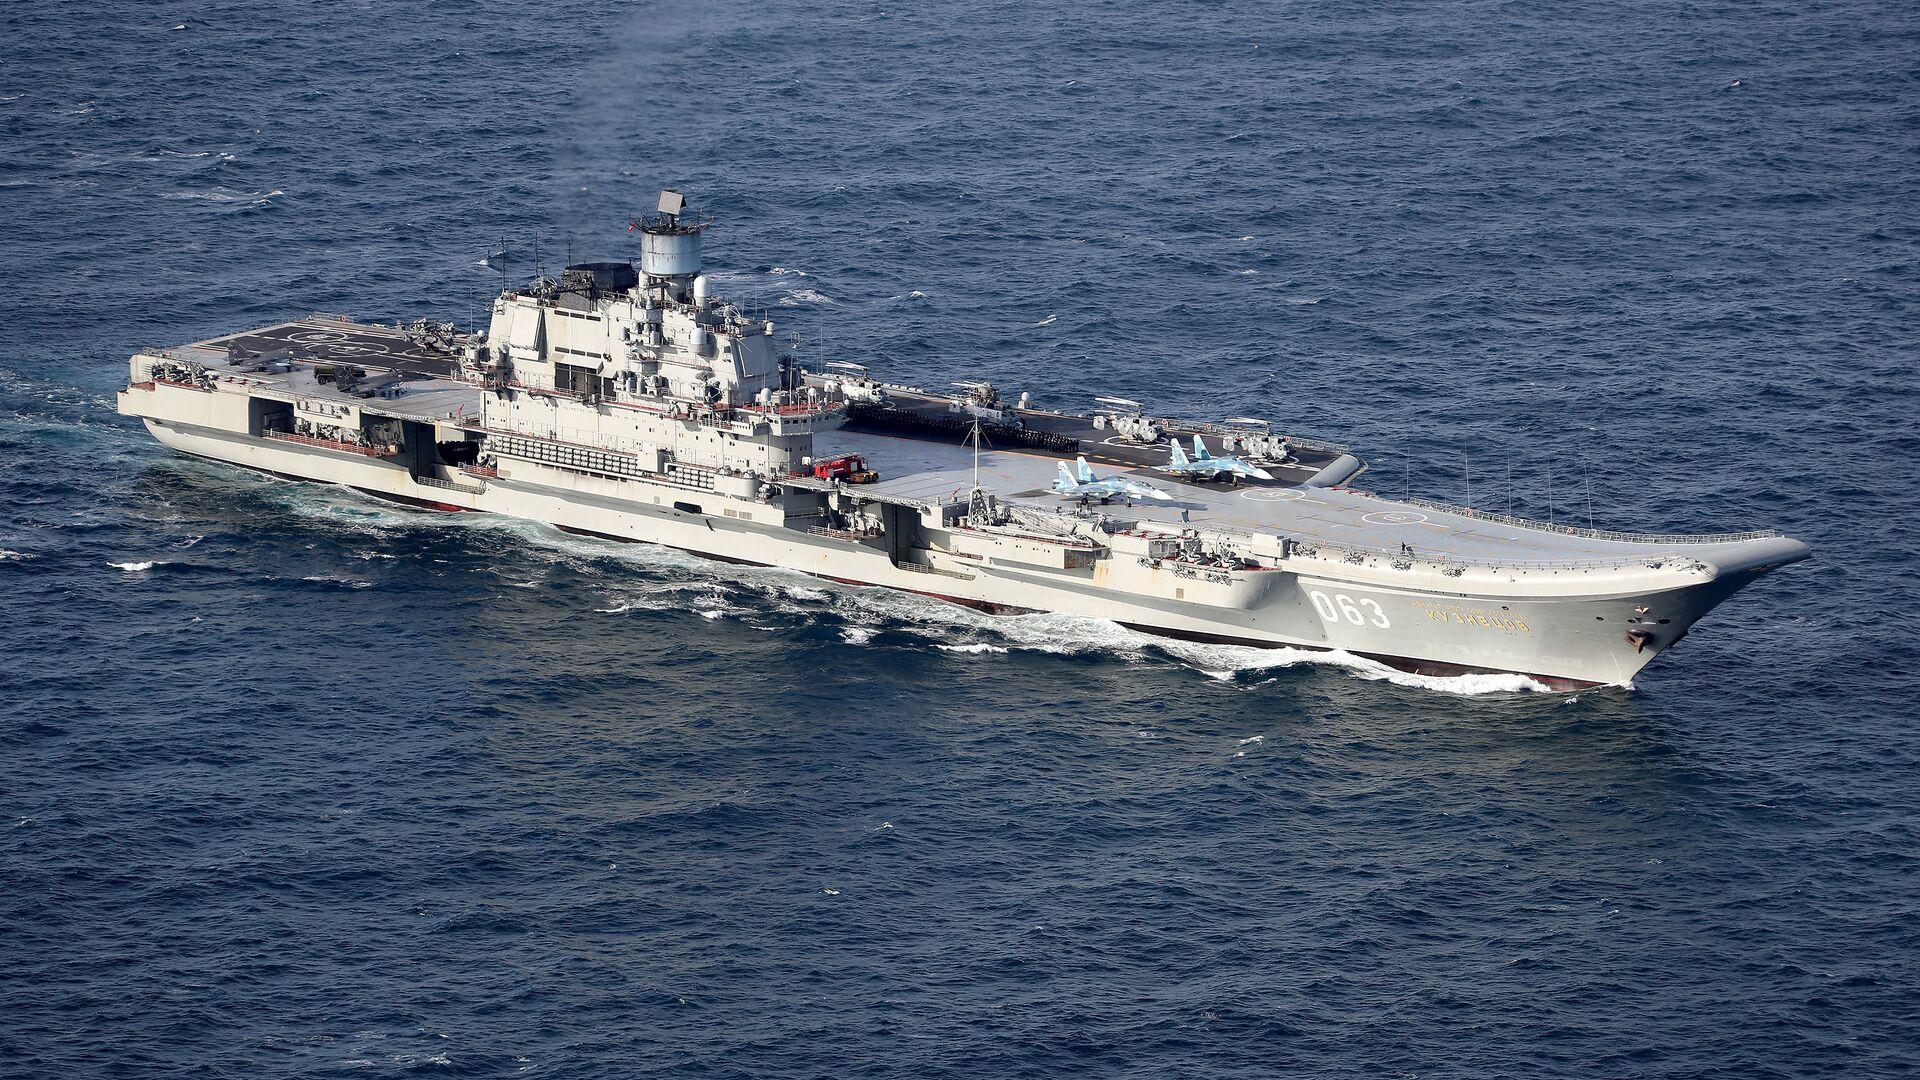 Британские ВМС и ВВС сопровождают российские корабли Петр Великий и Адмирал Кузнецов - Sputnik Česká republika, 1920, 21.04.2021